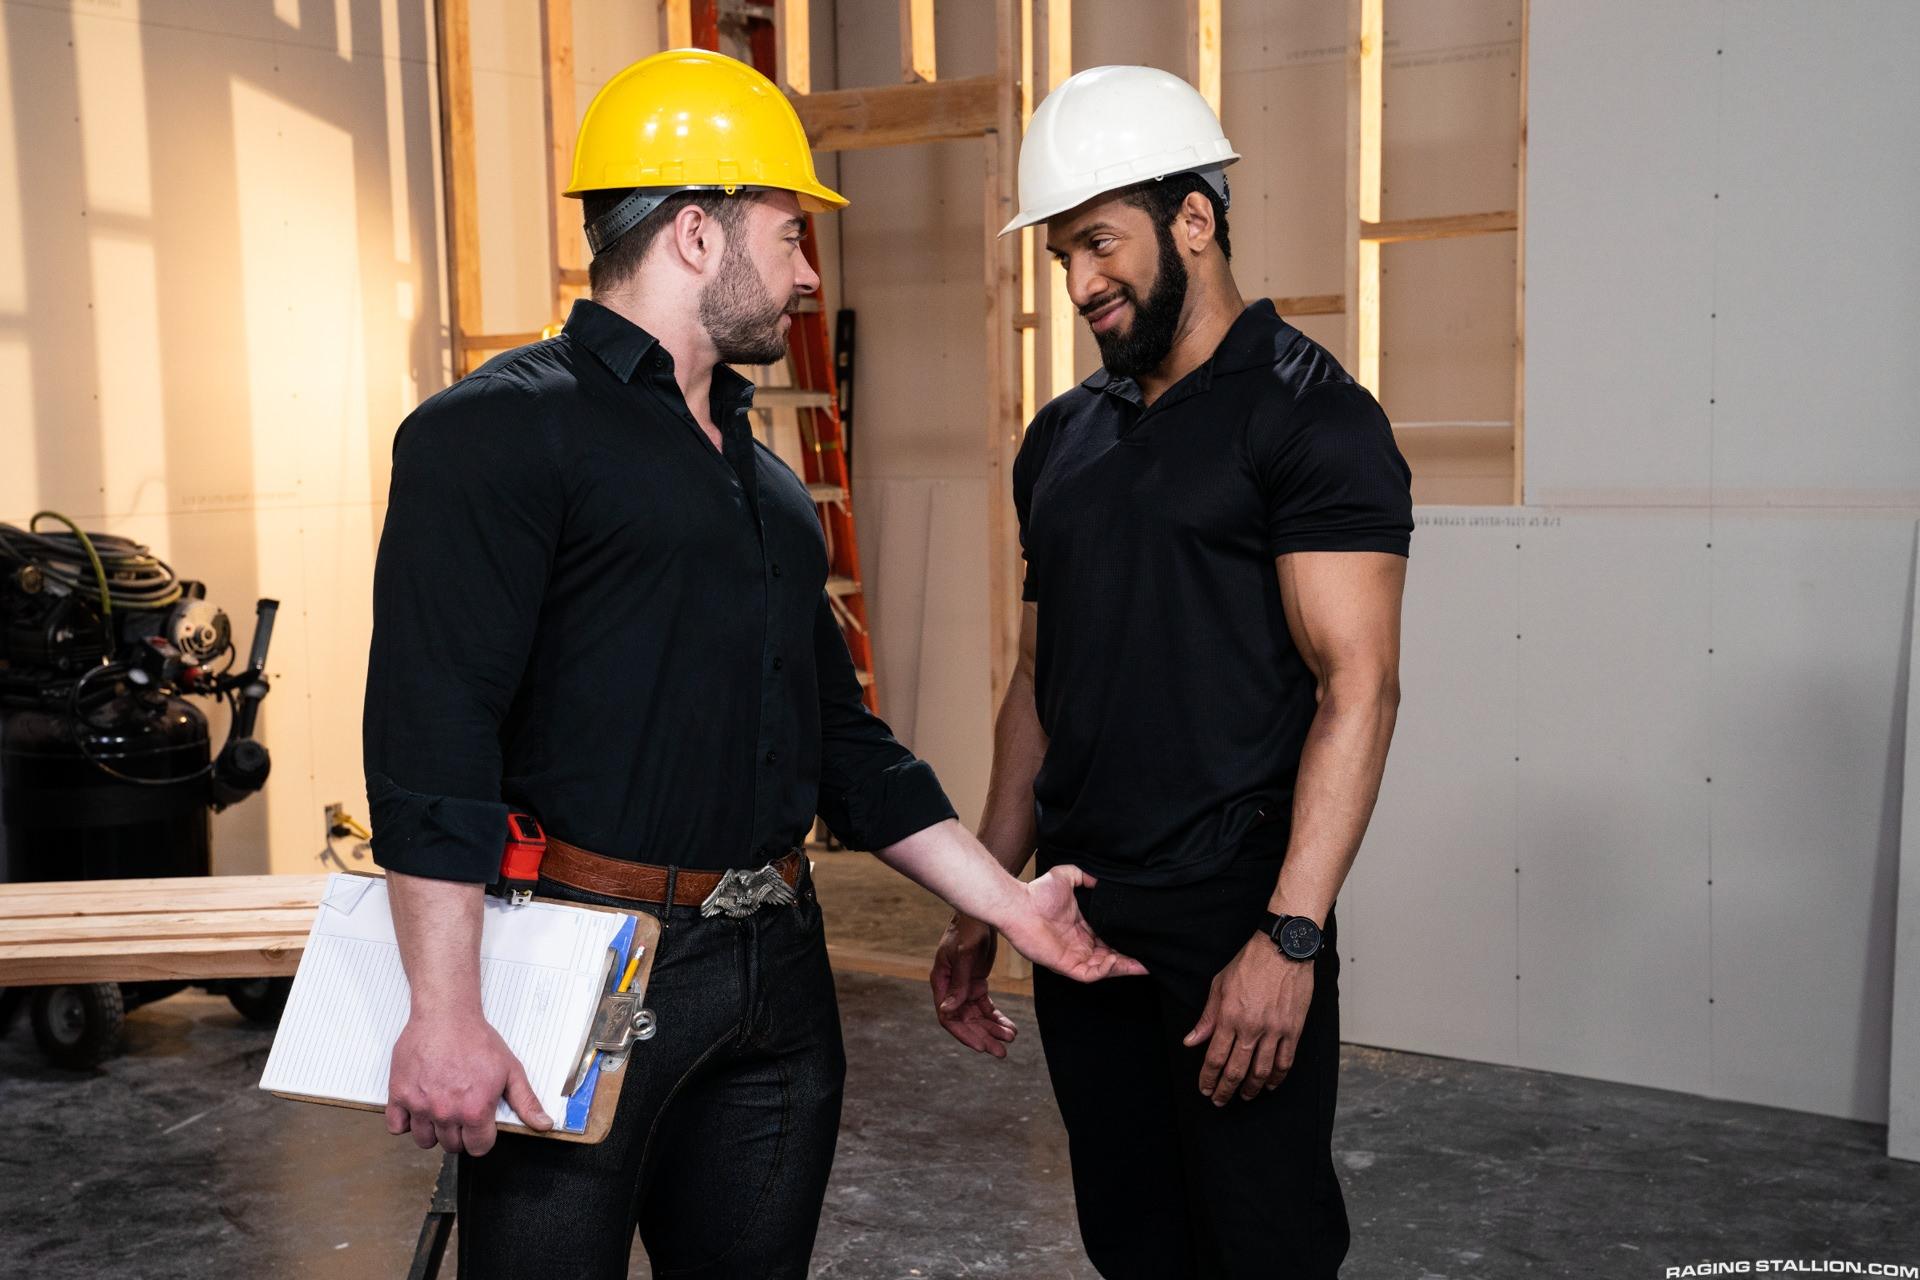 Jay Landford bareback fuck Derek Bolt gay hot daddy dude men porn Raw Construction